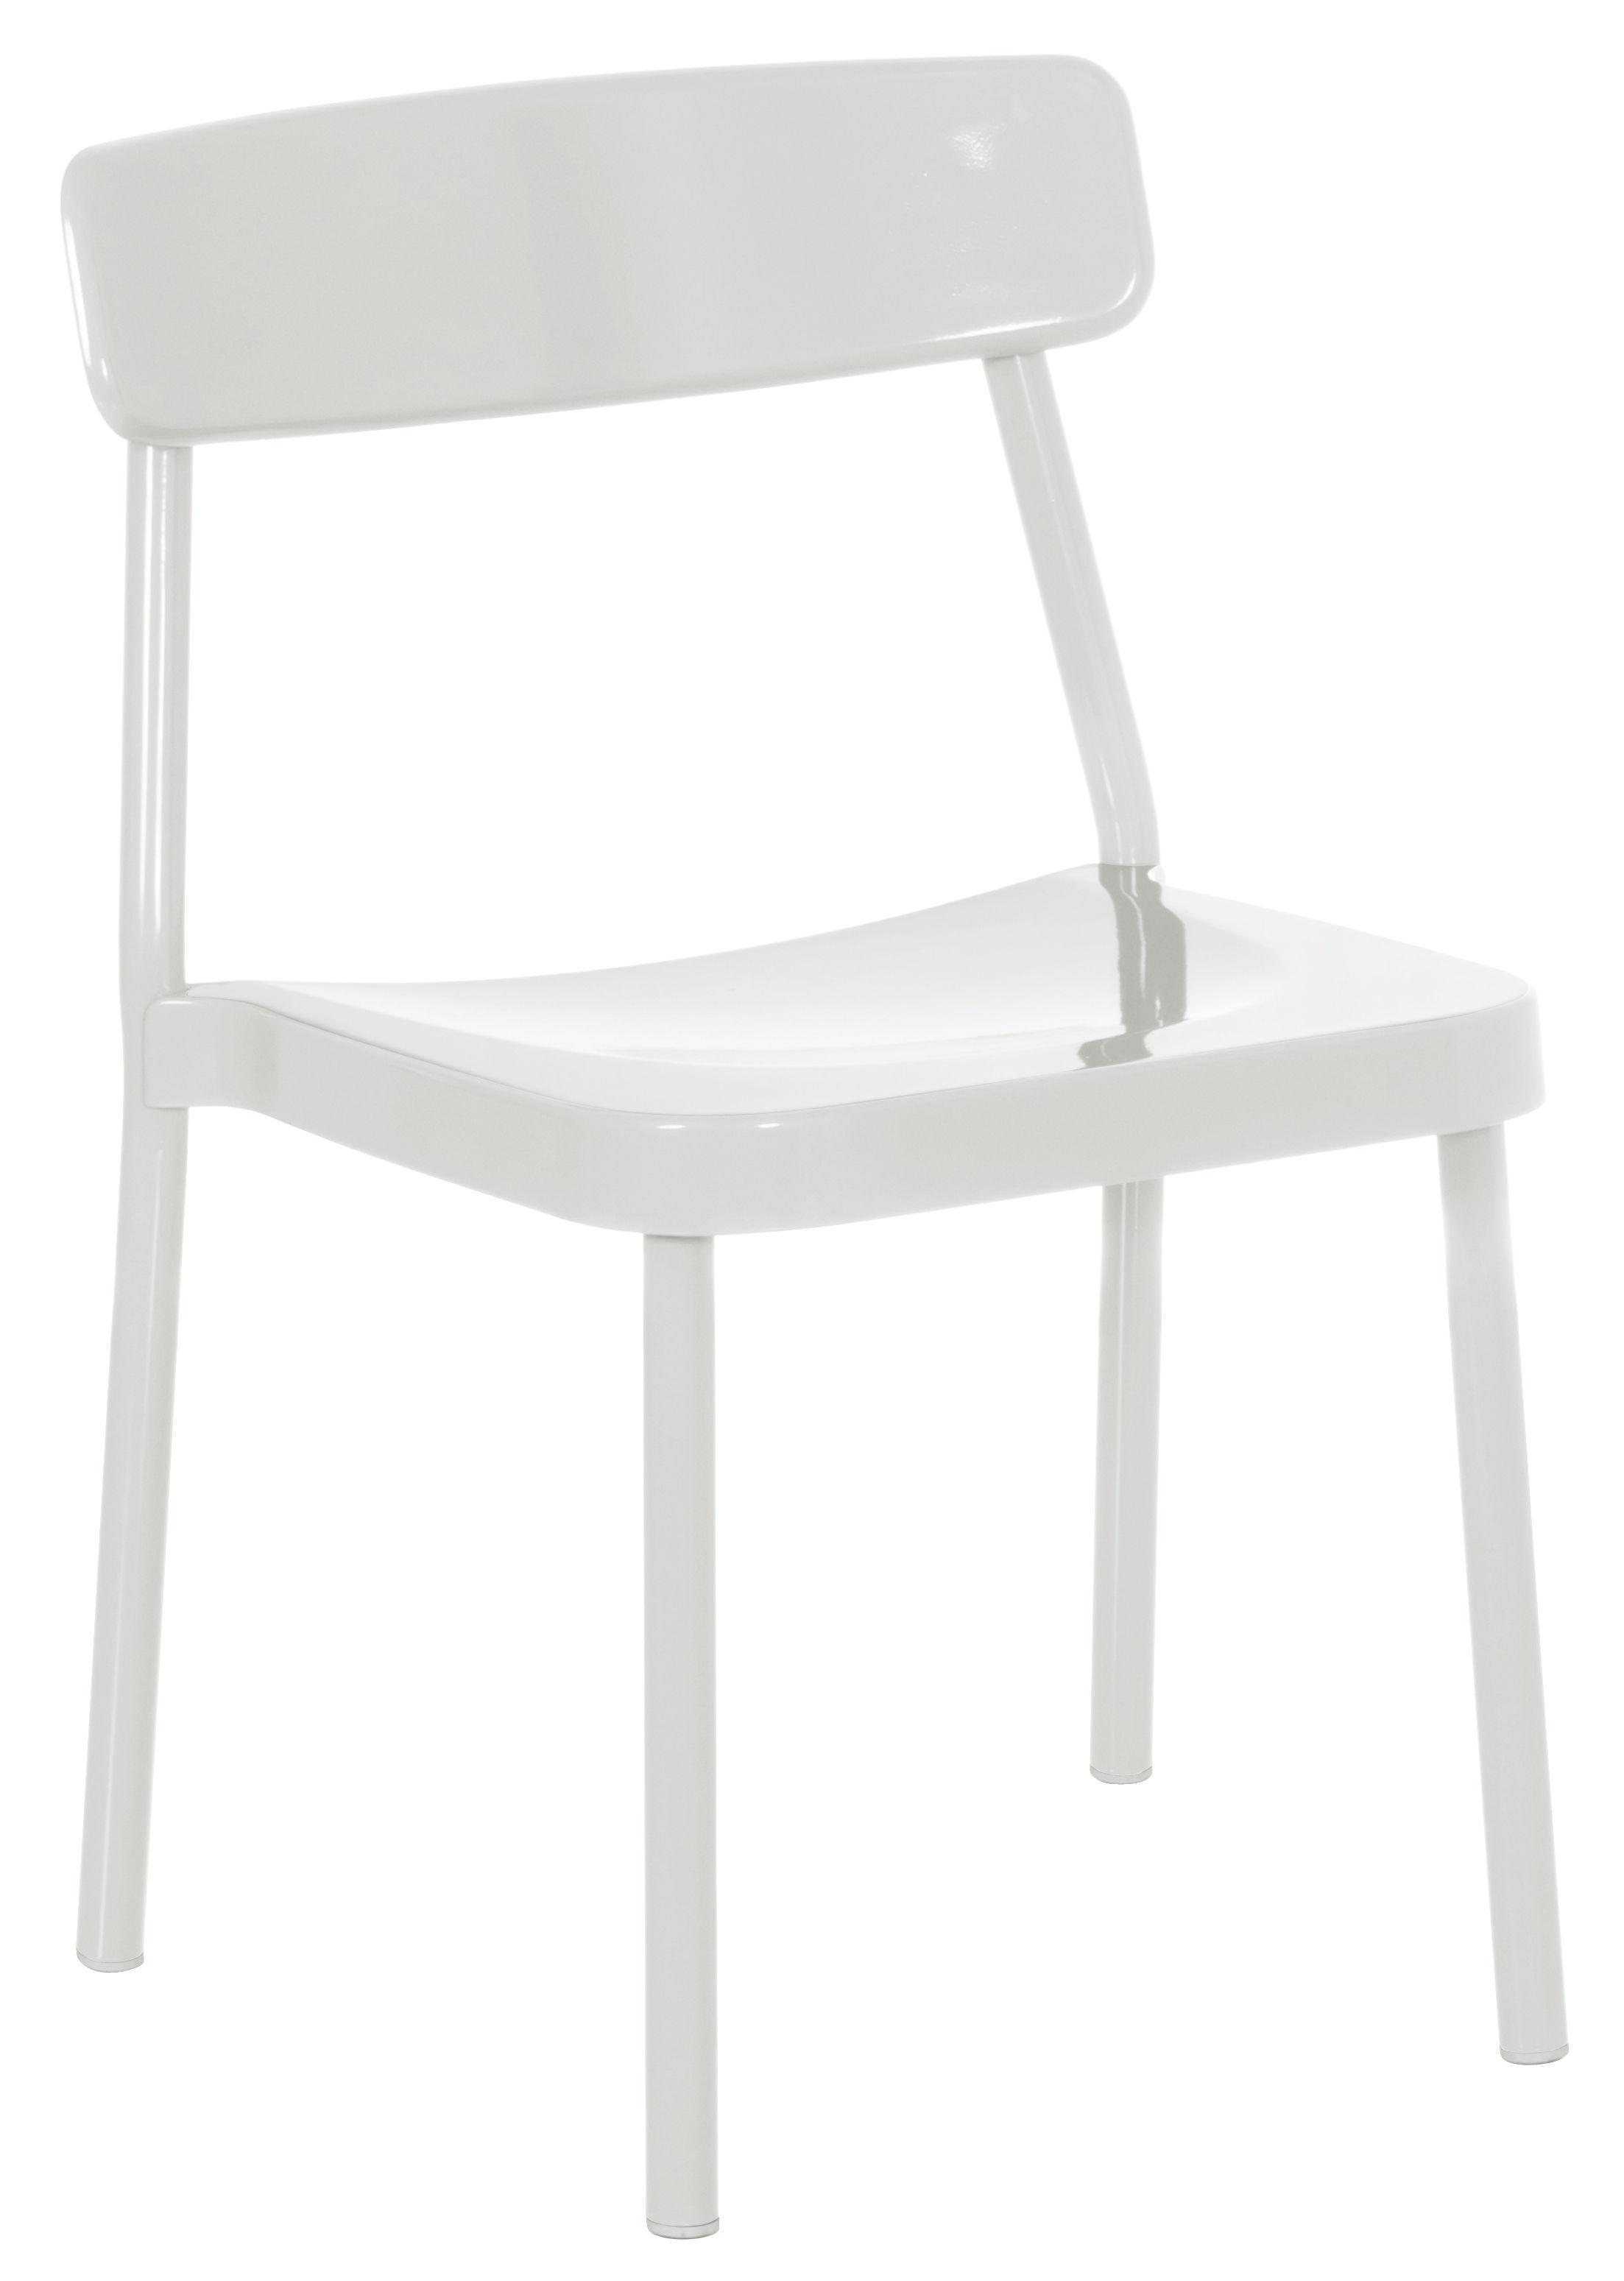 Mobilier - Chaises, fauteuils de salle à manger - Chaise empilable Grace Outdoor / Métal - Emu - Blanc - Aluminium verni